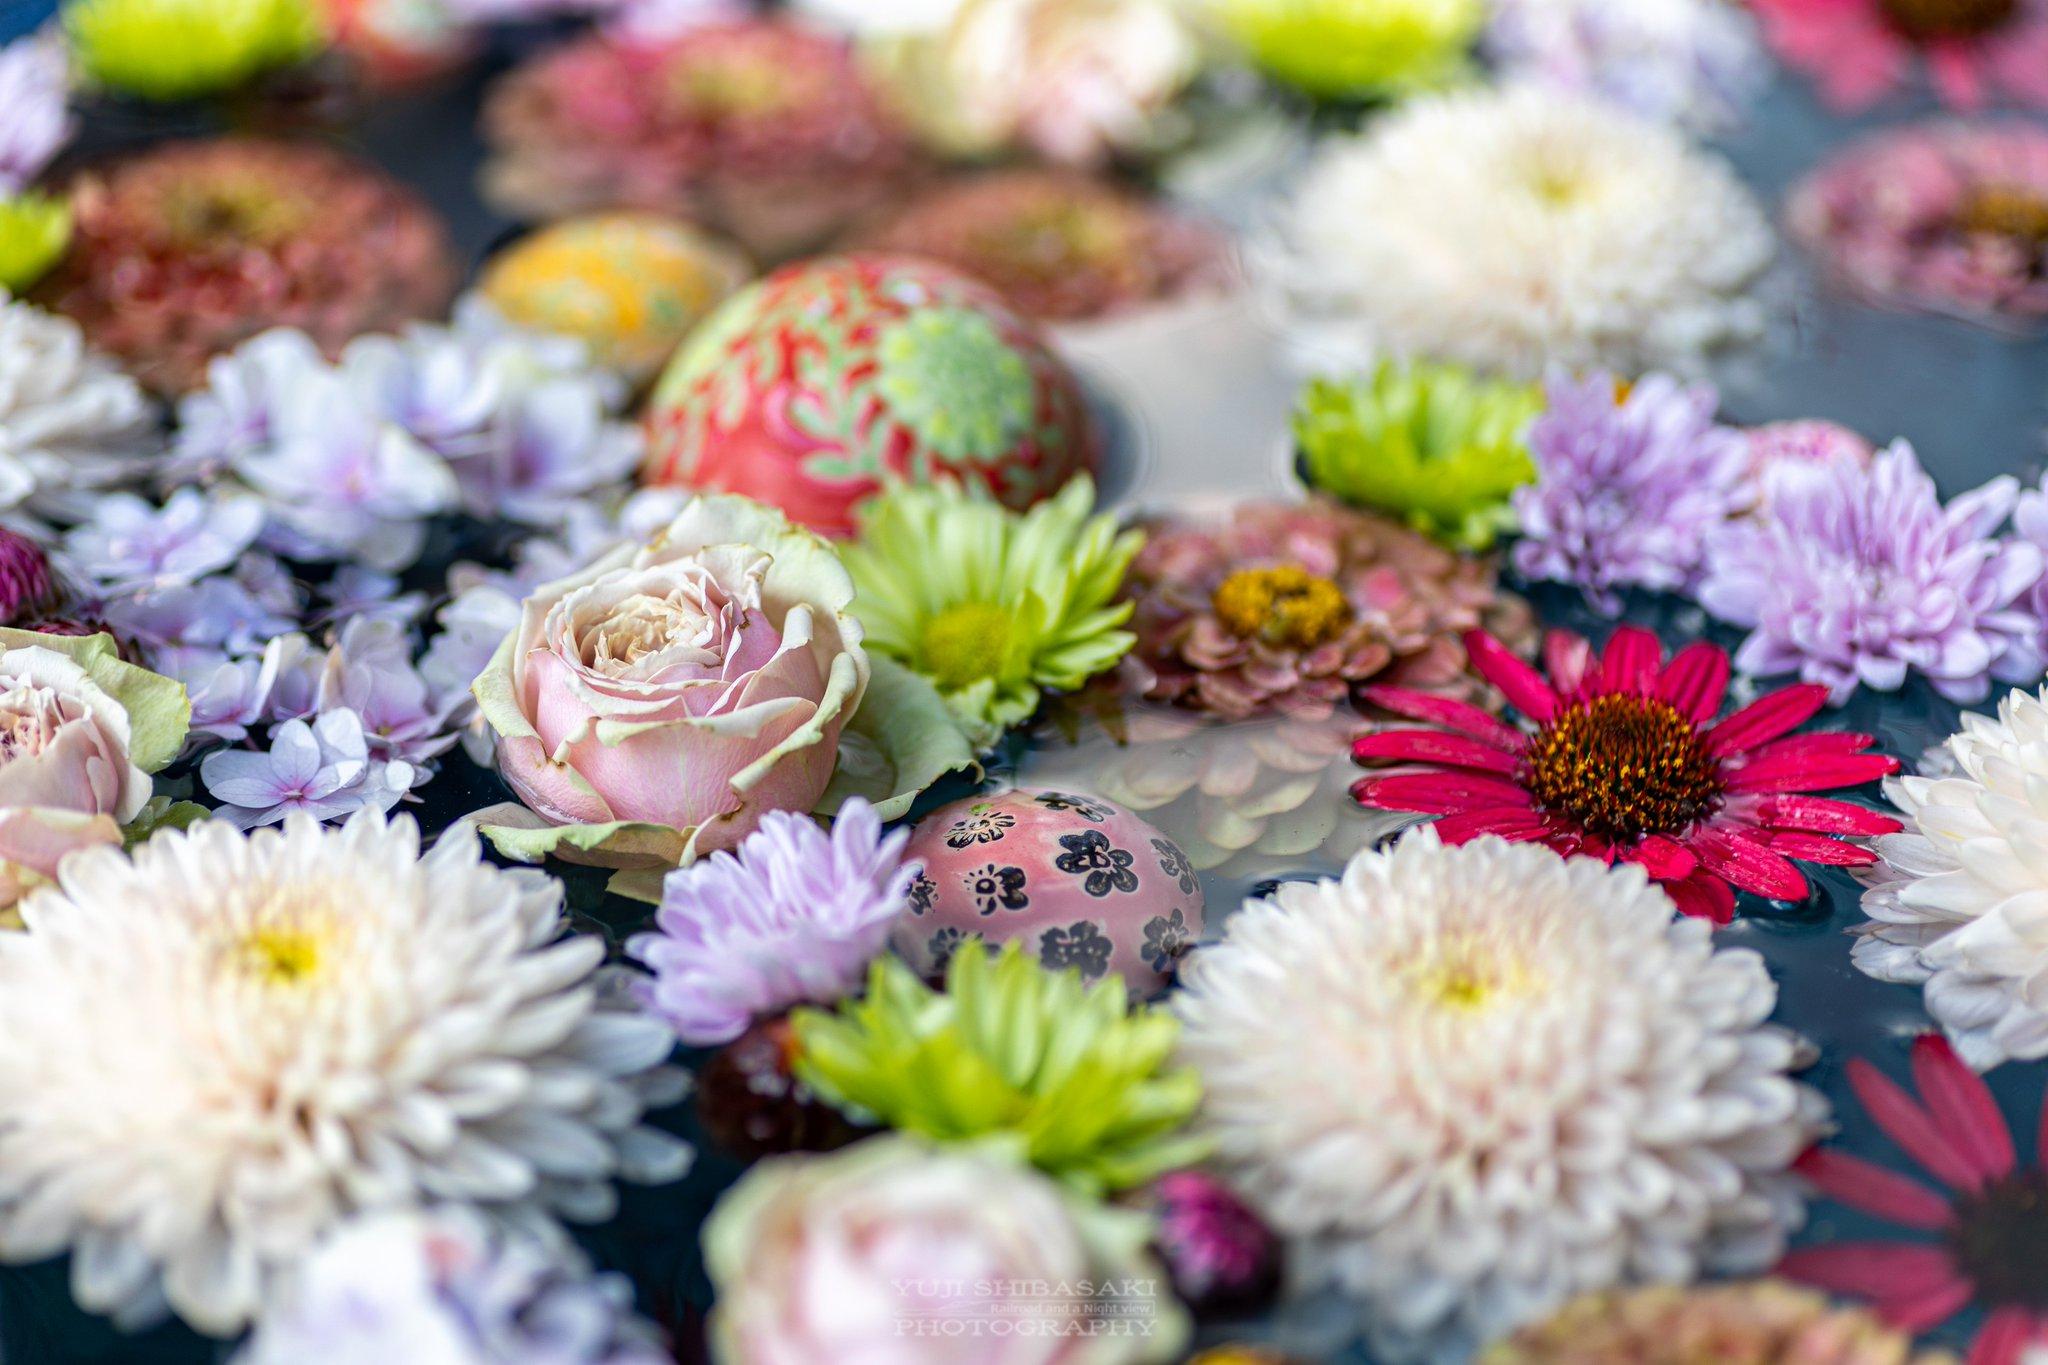 行田八幡神社の花手水。<br><br>西日本ばかりかと思っていましたが埼玉にもありました。